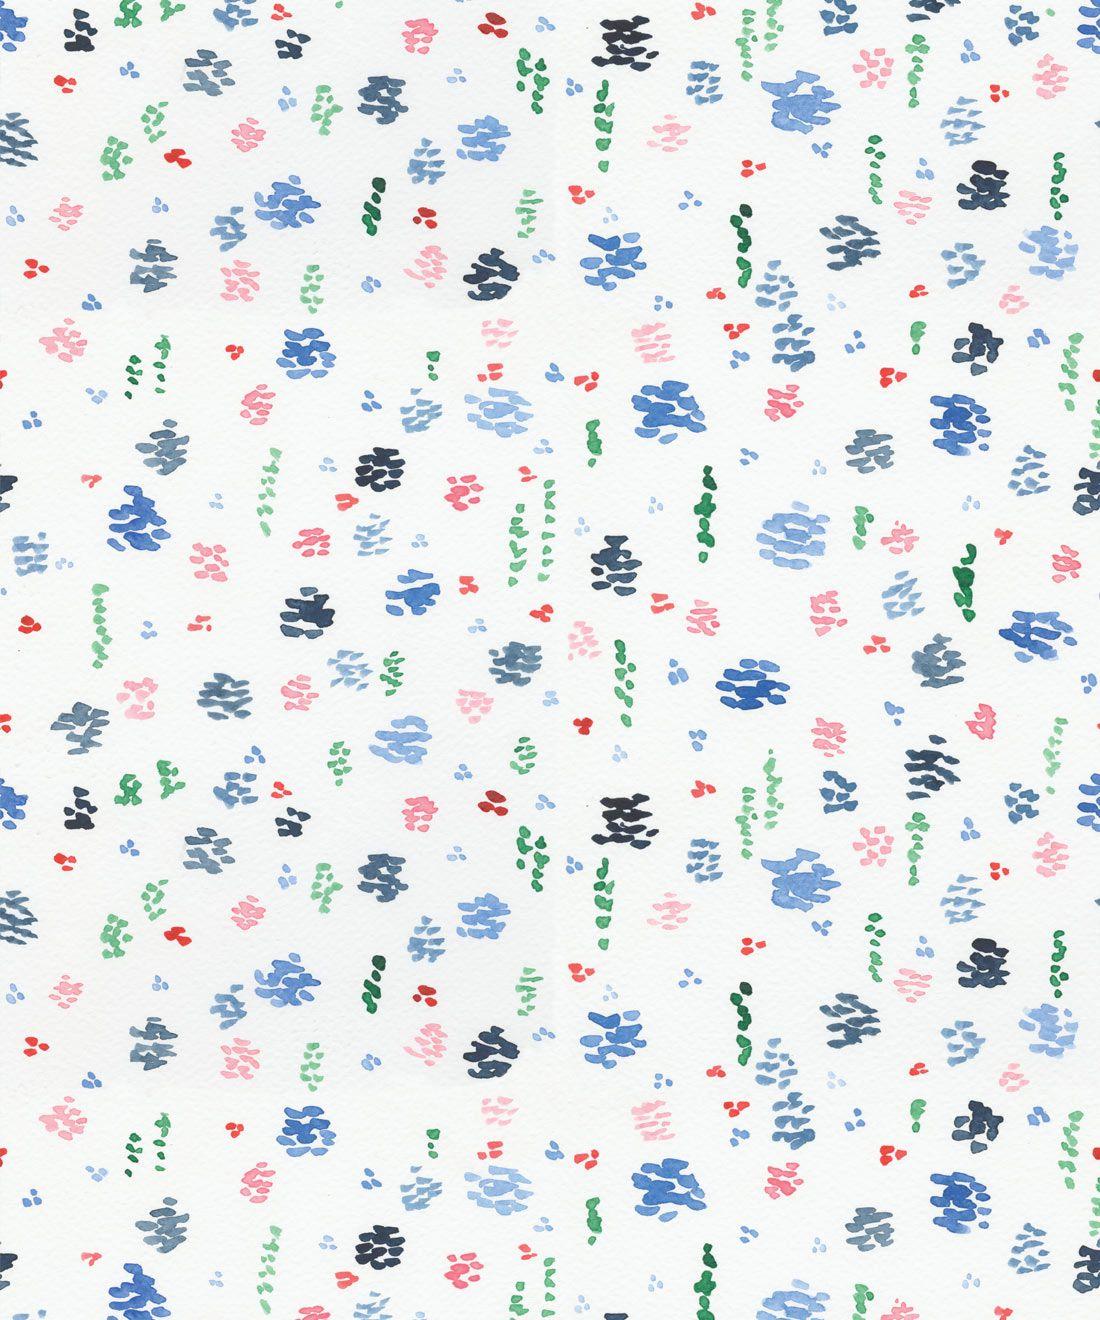 Spring Garden Wallpaper